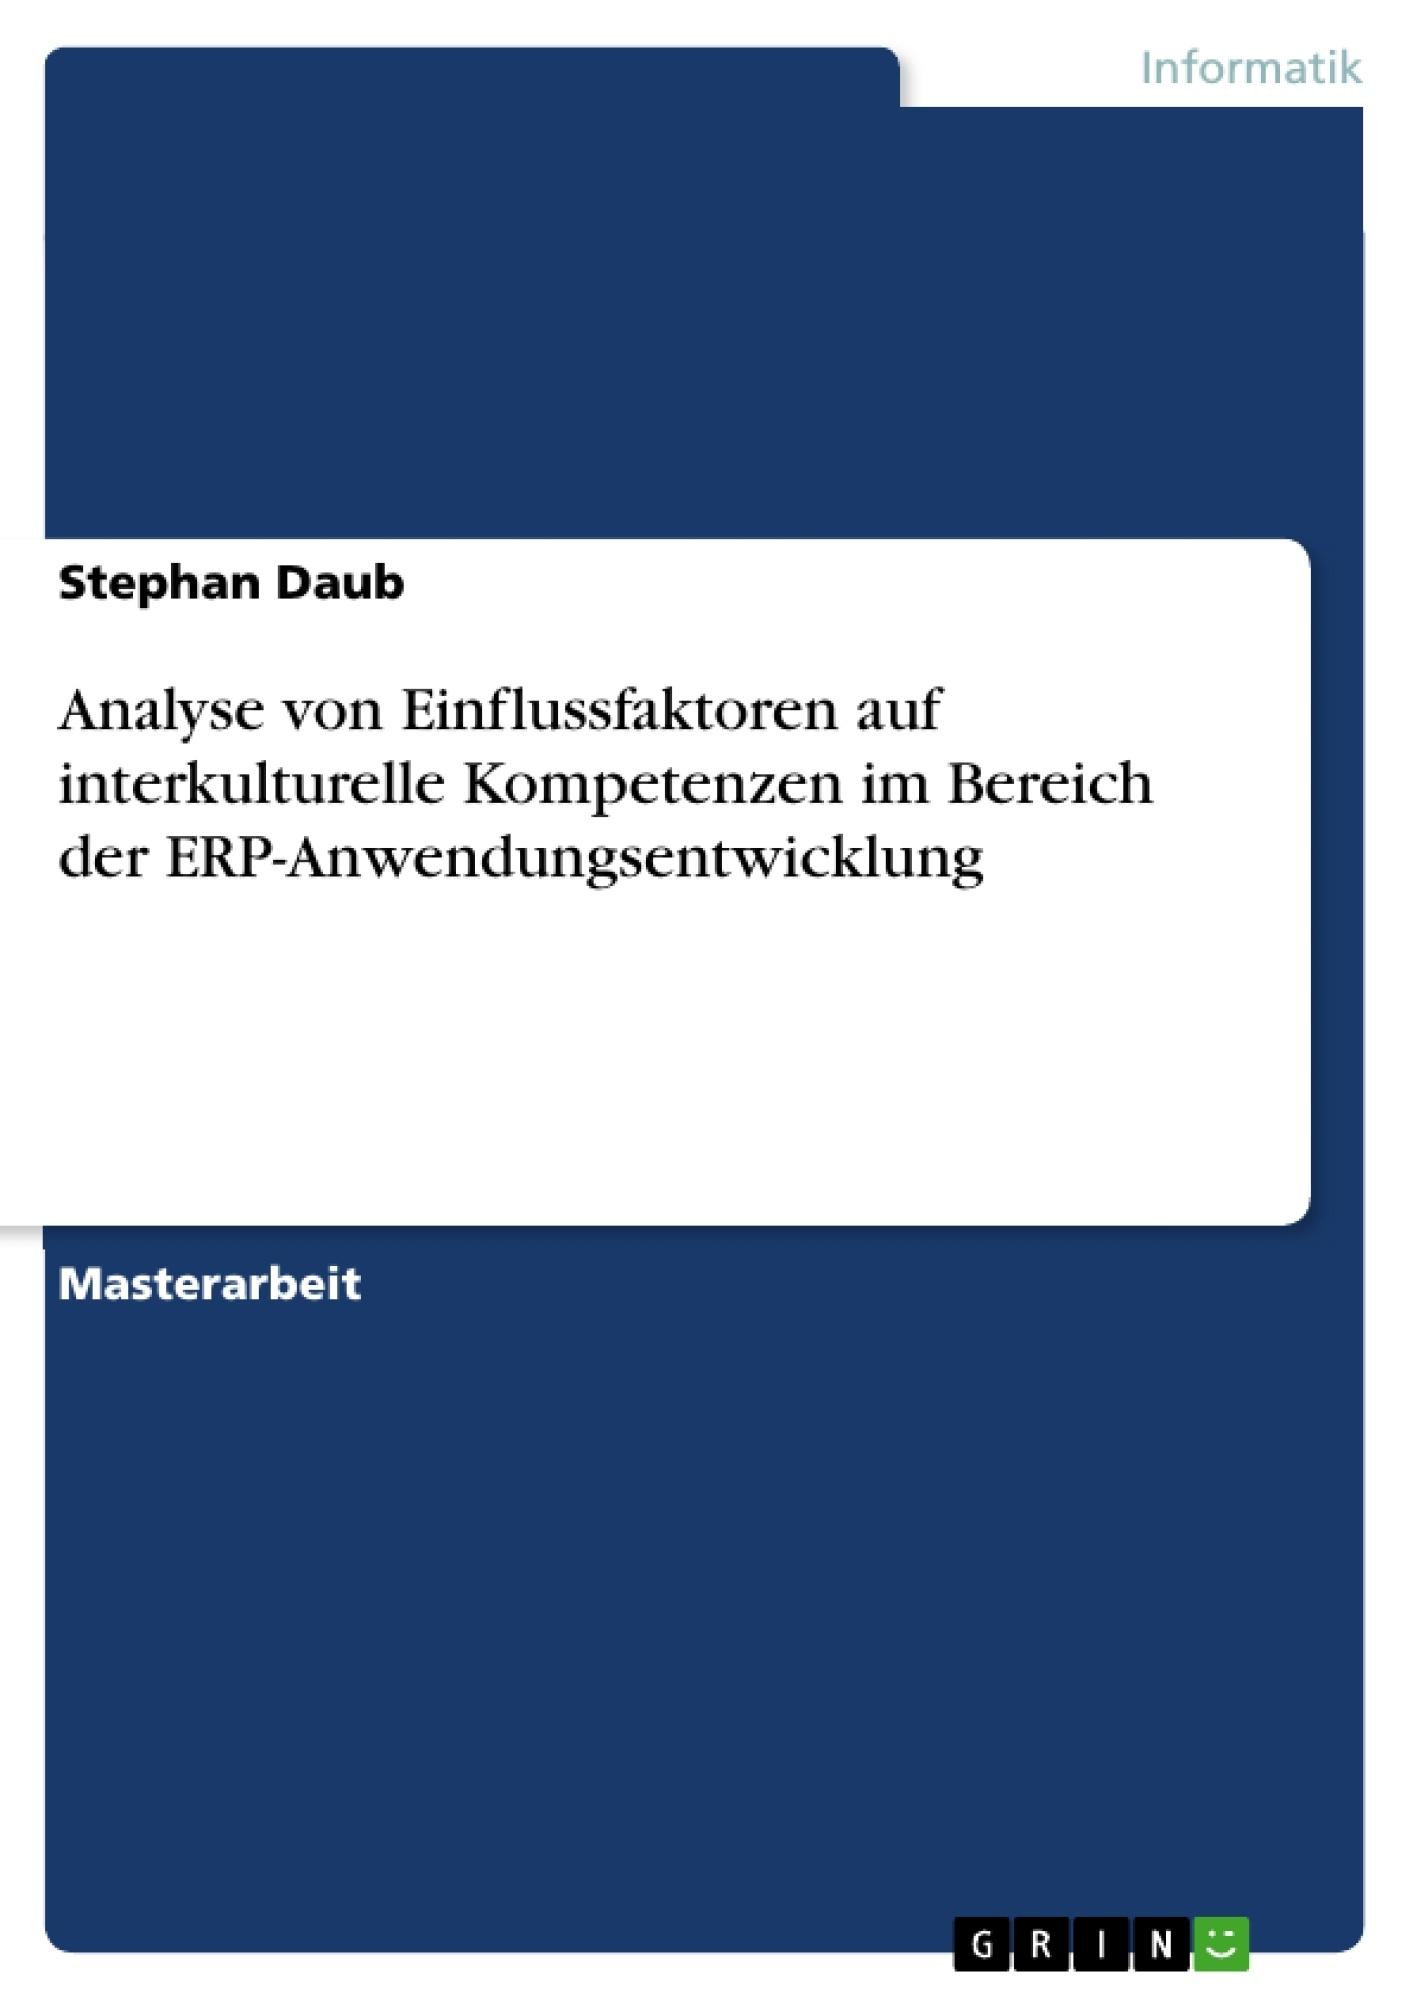 Titel: Analyse von Einflussfaktoren auf interkulturelle Kompetenzen im Bereich der ERP-Anwendungsentwicklung